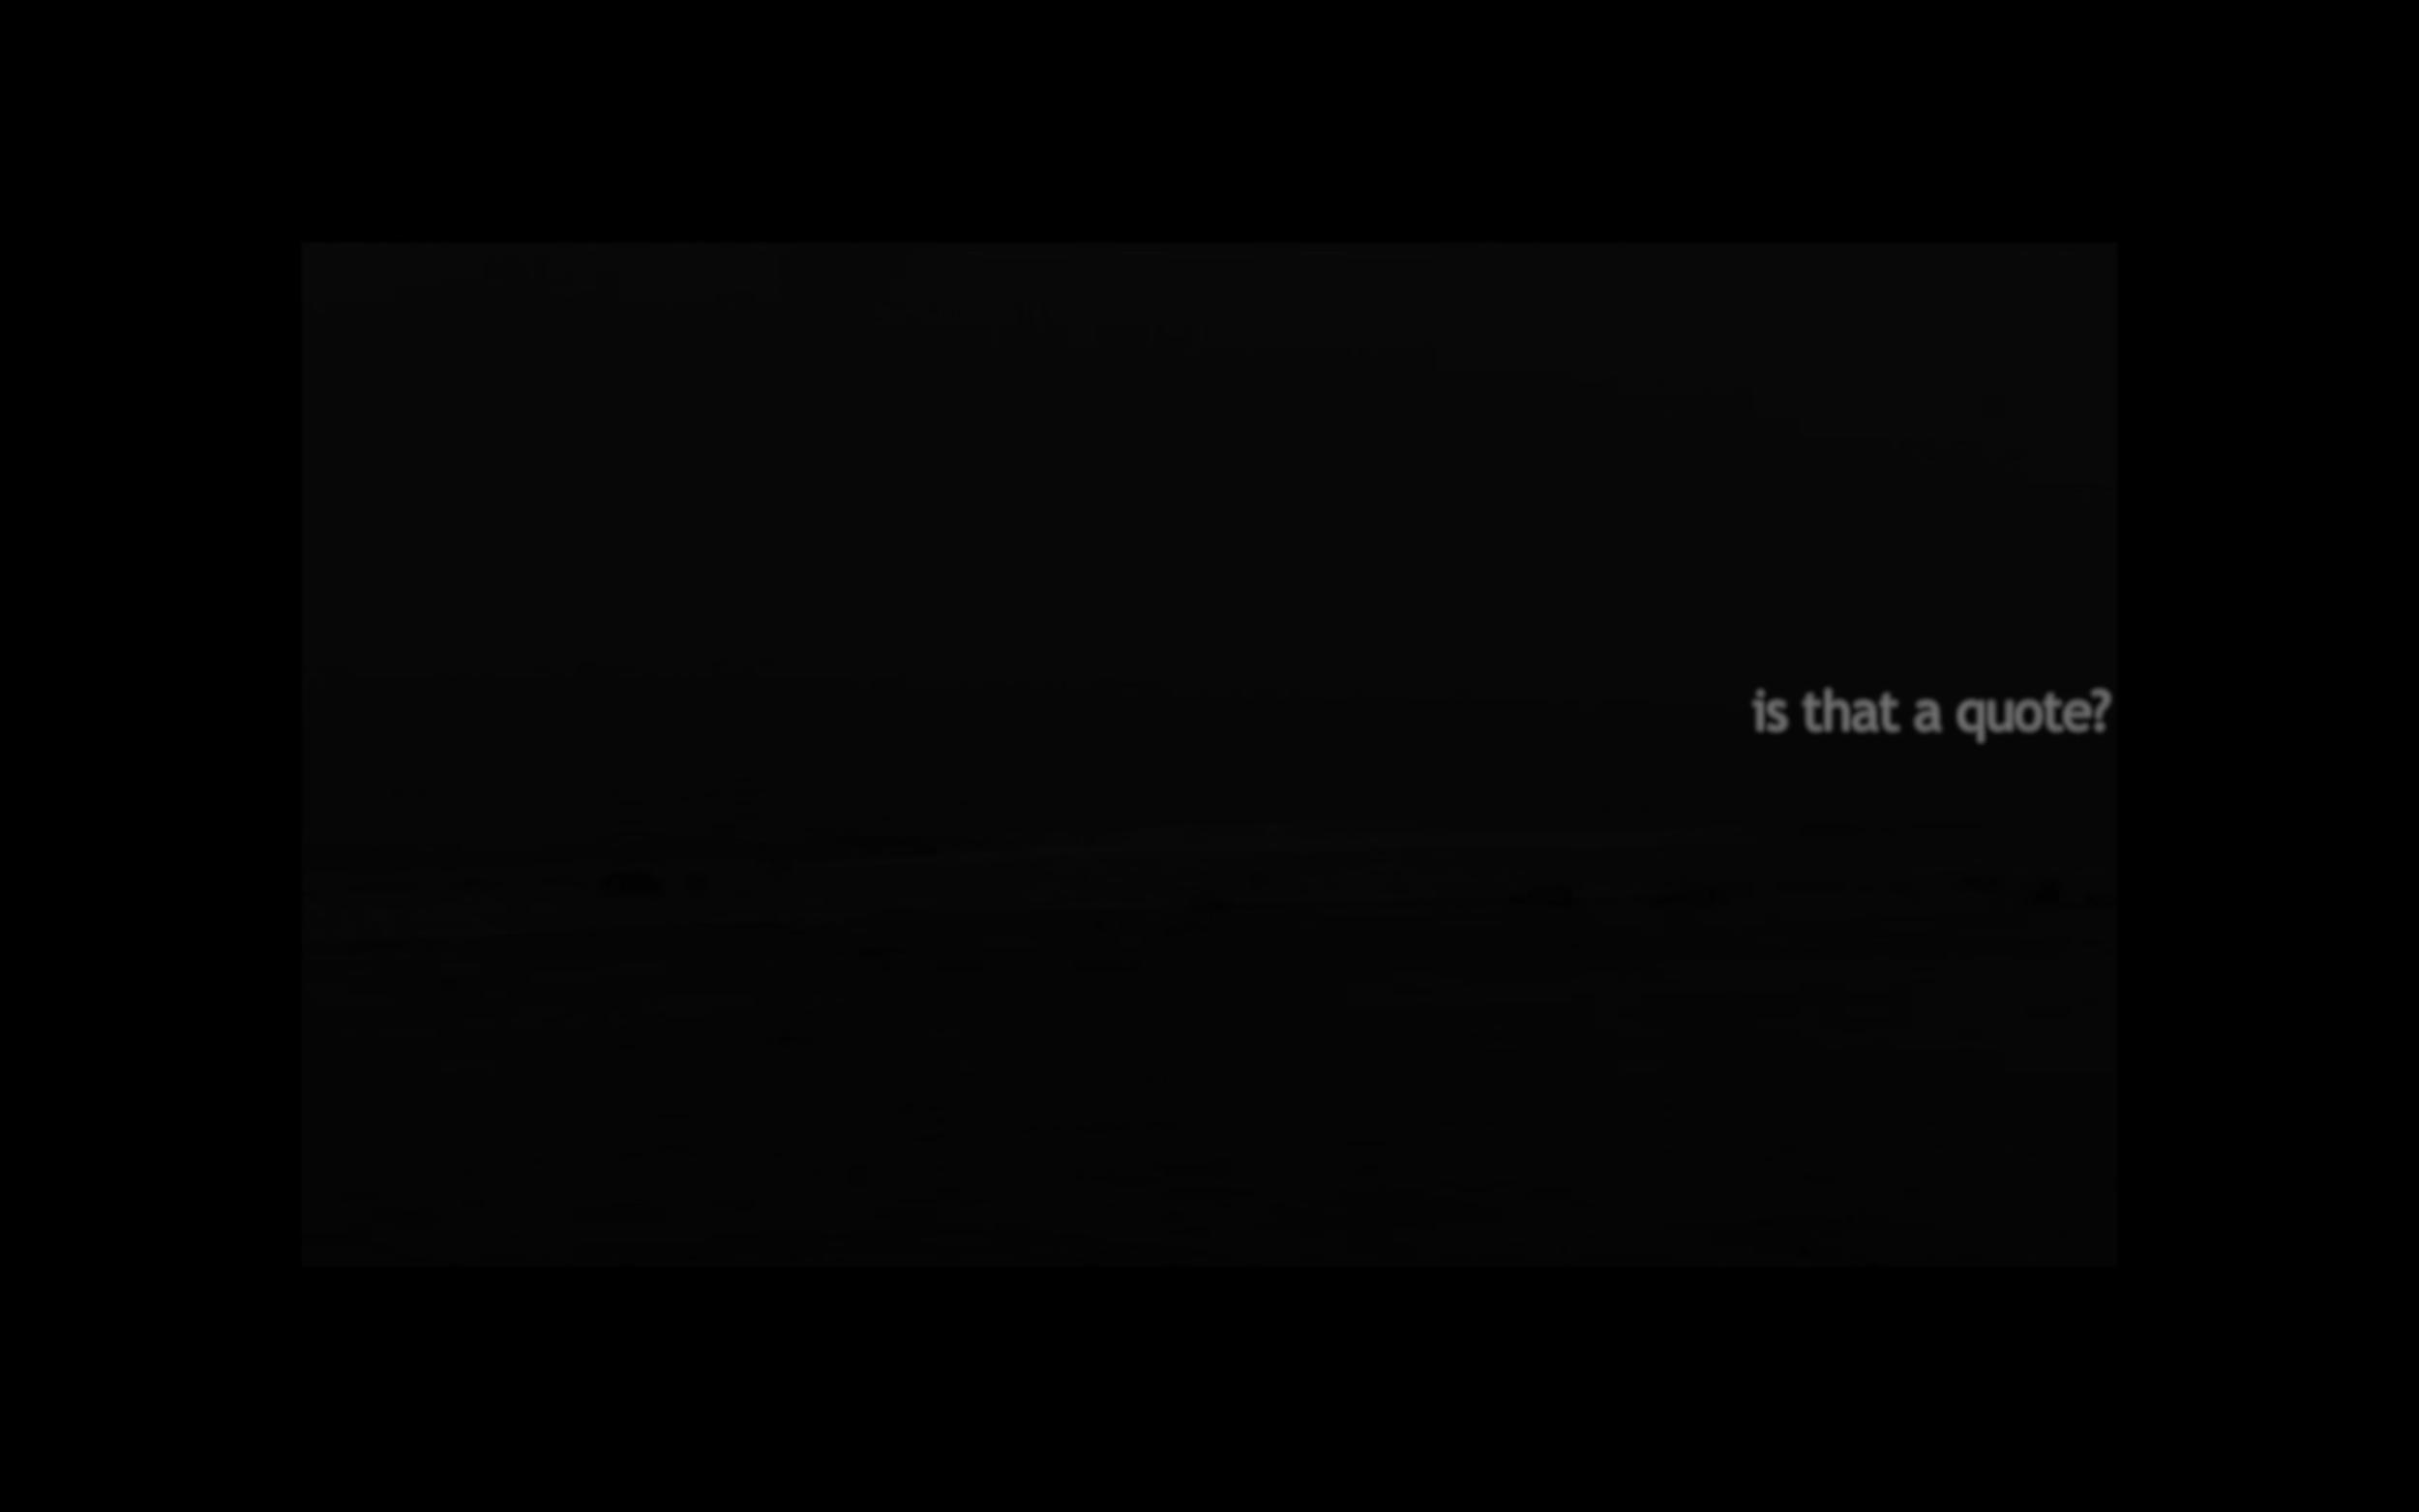 Screen Shot 2018-06-21 at 15.10.03.png